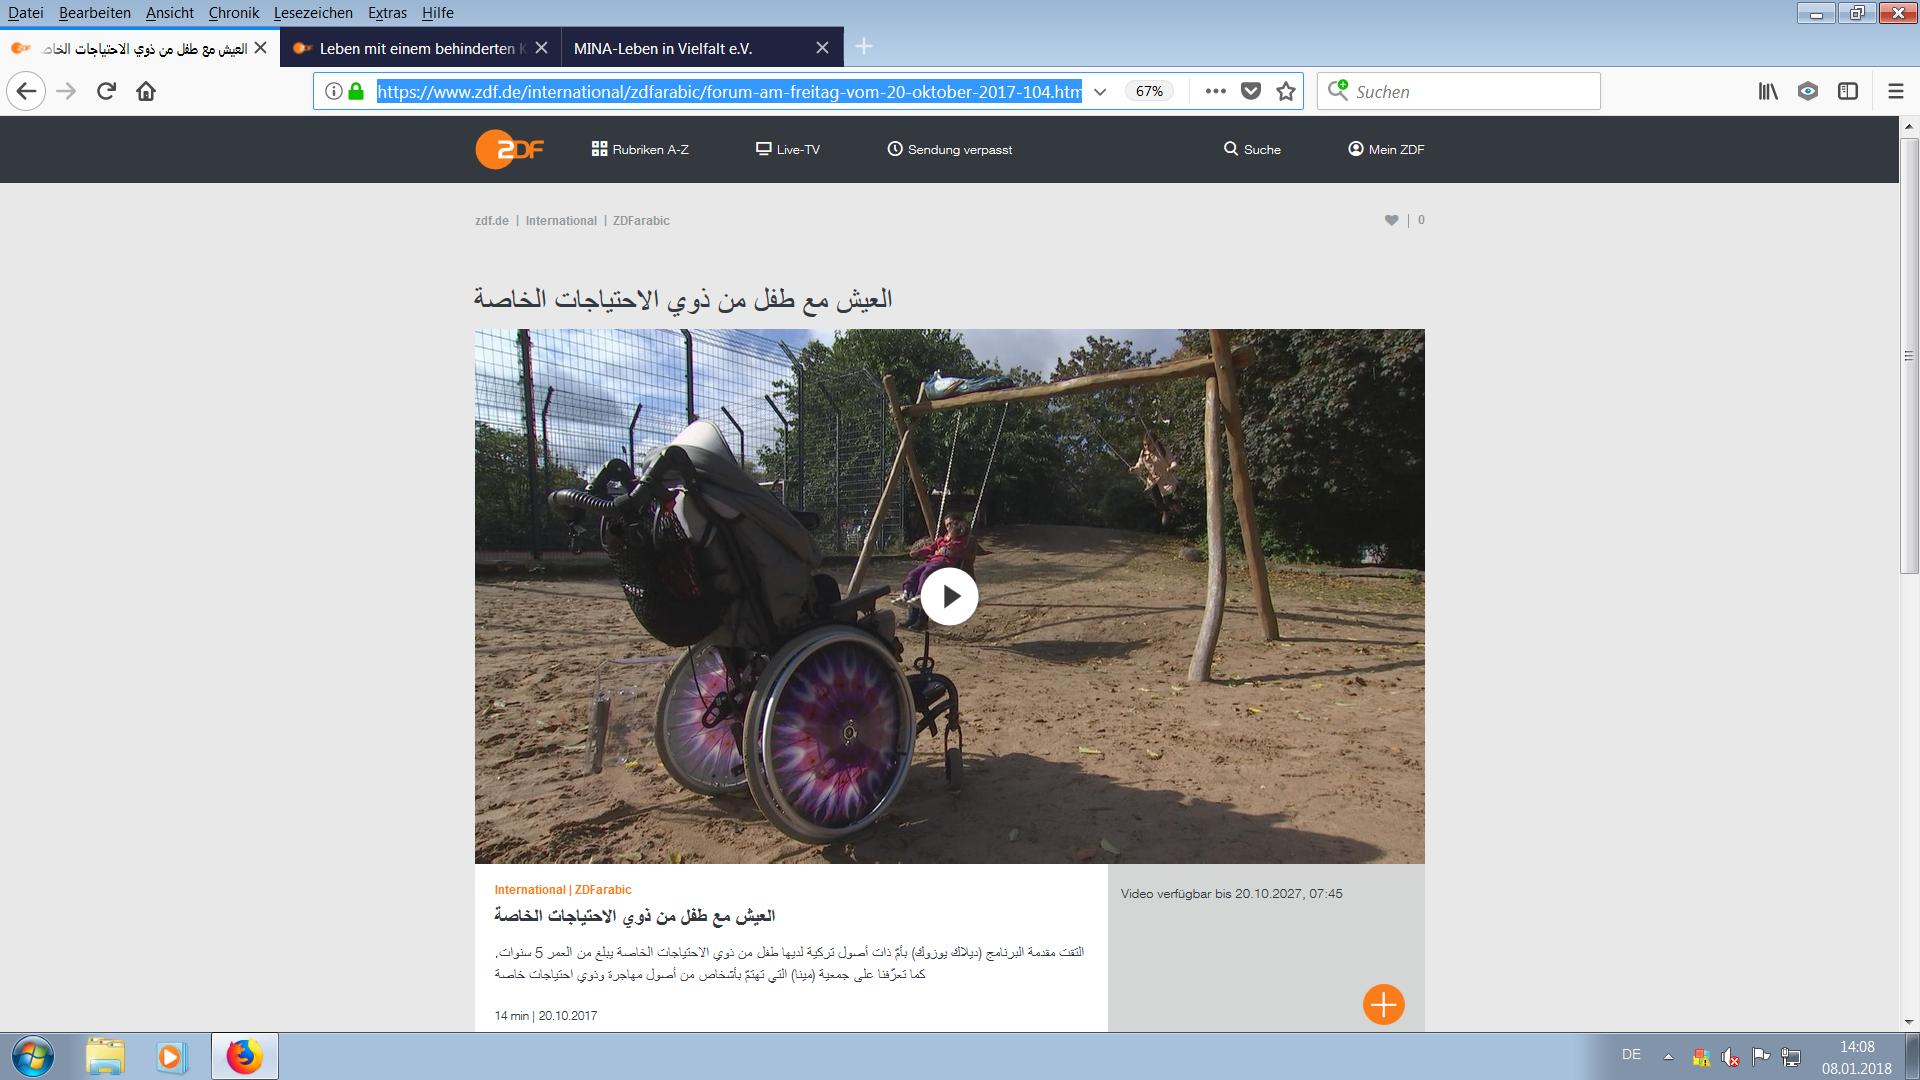 ZDF Forum arabisch